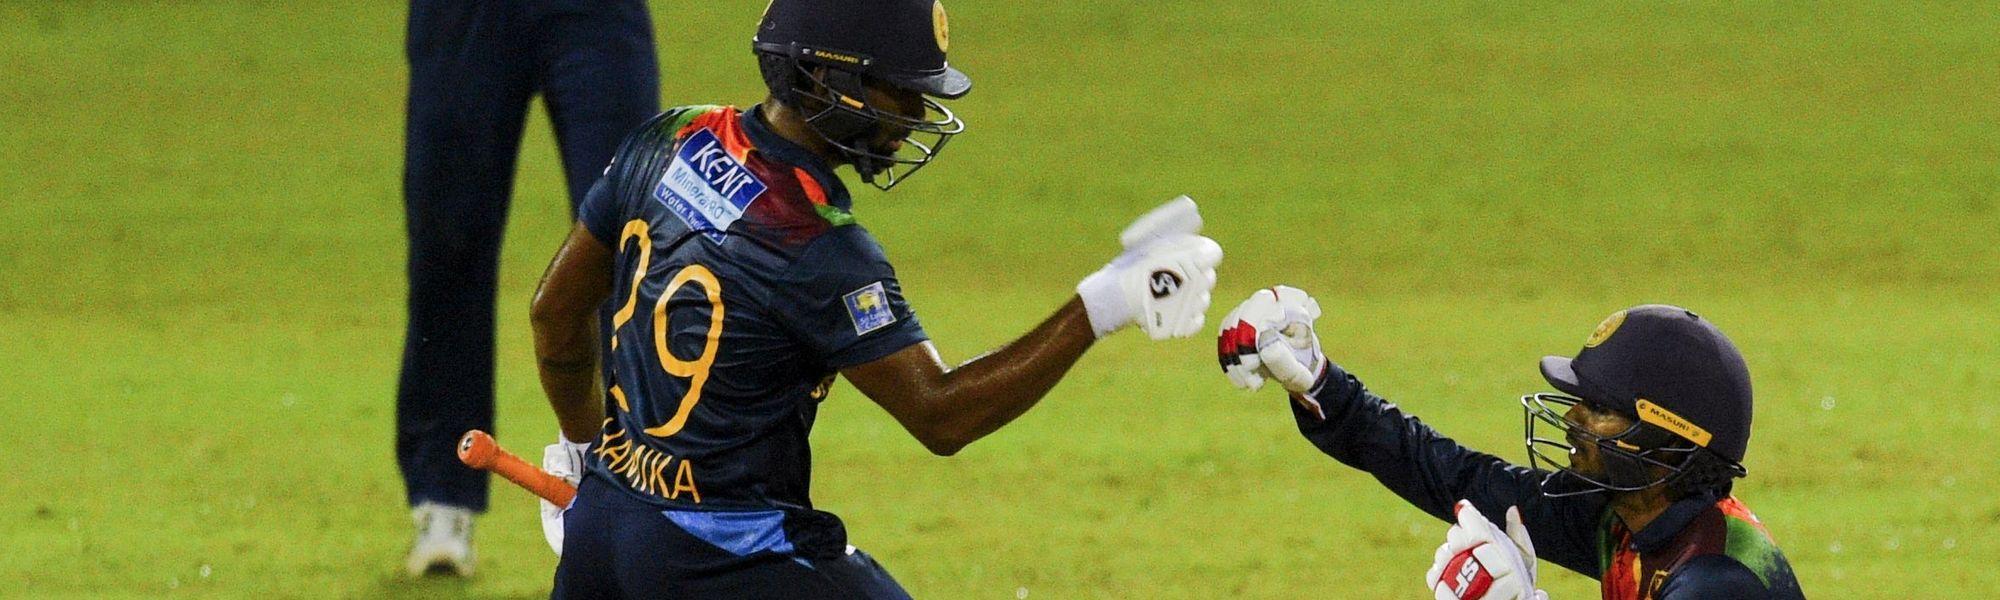 Sri Lanka second T20I